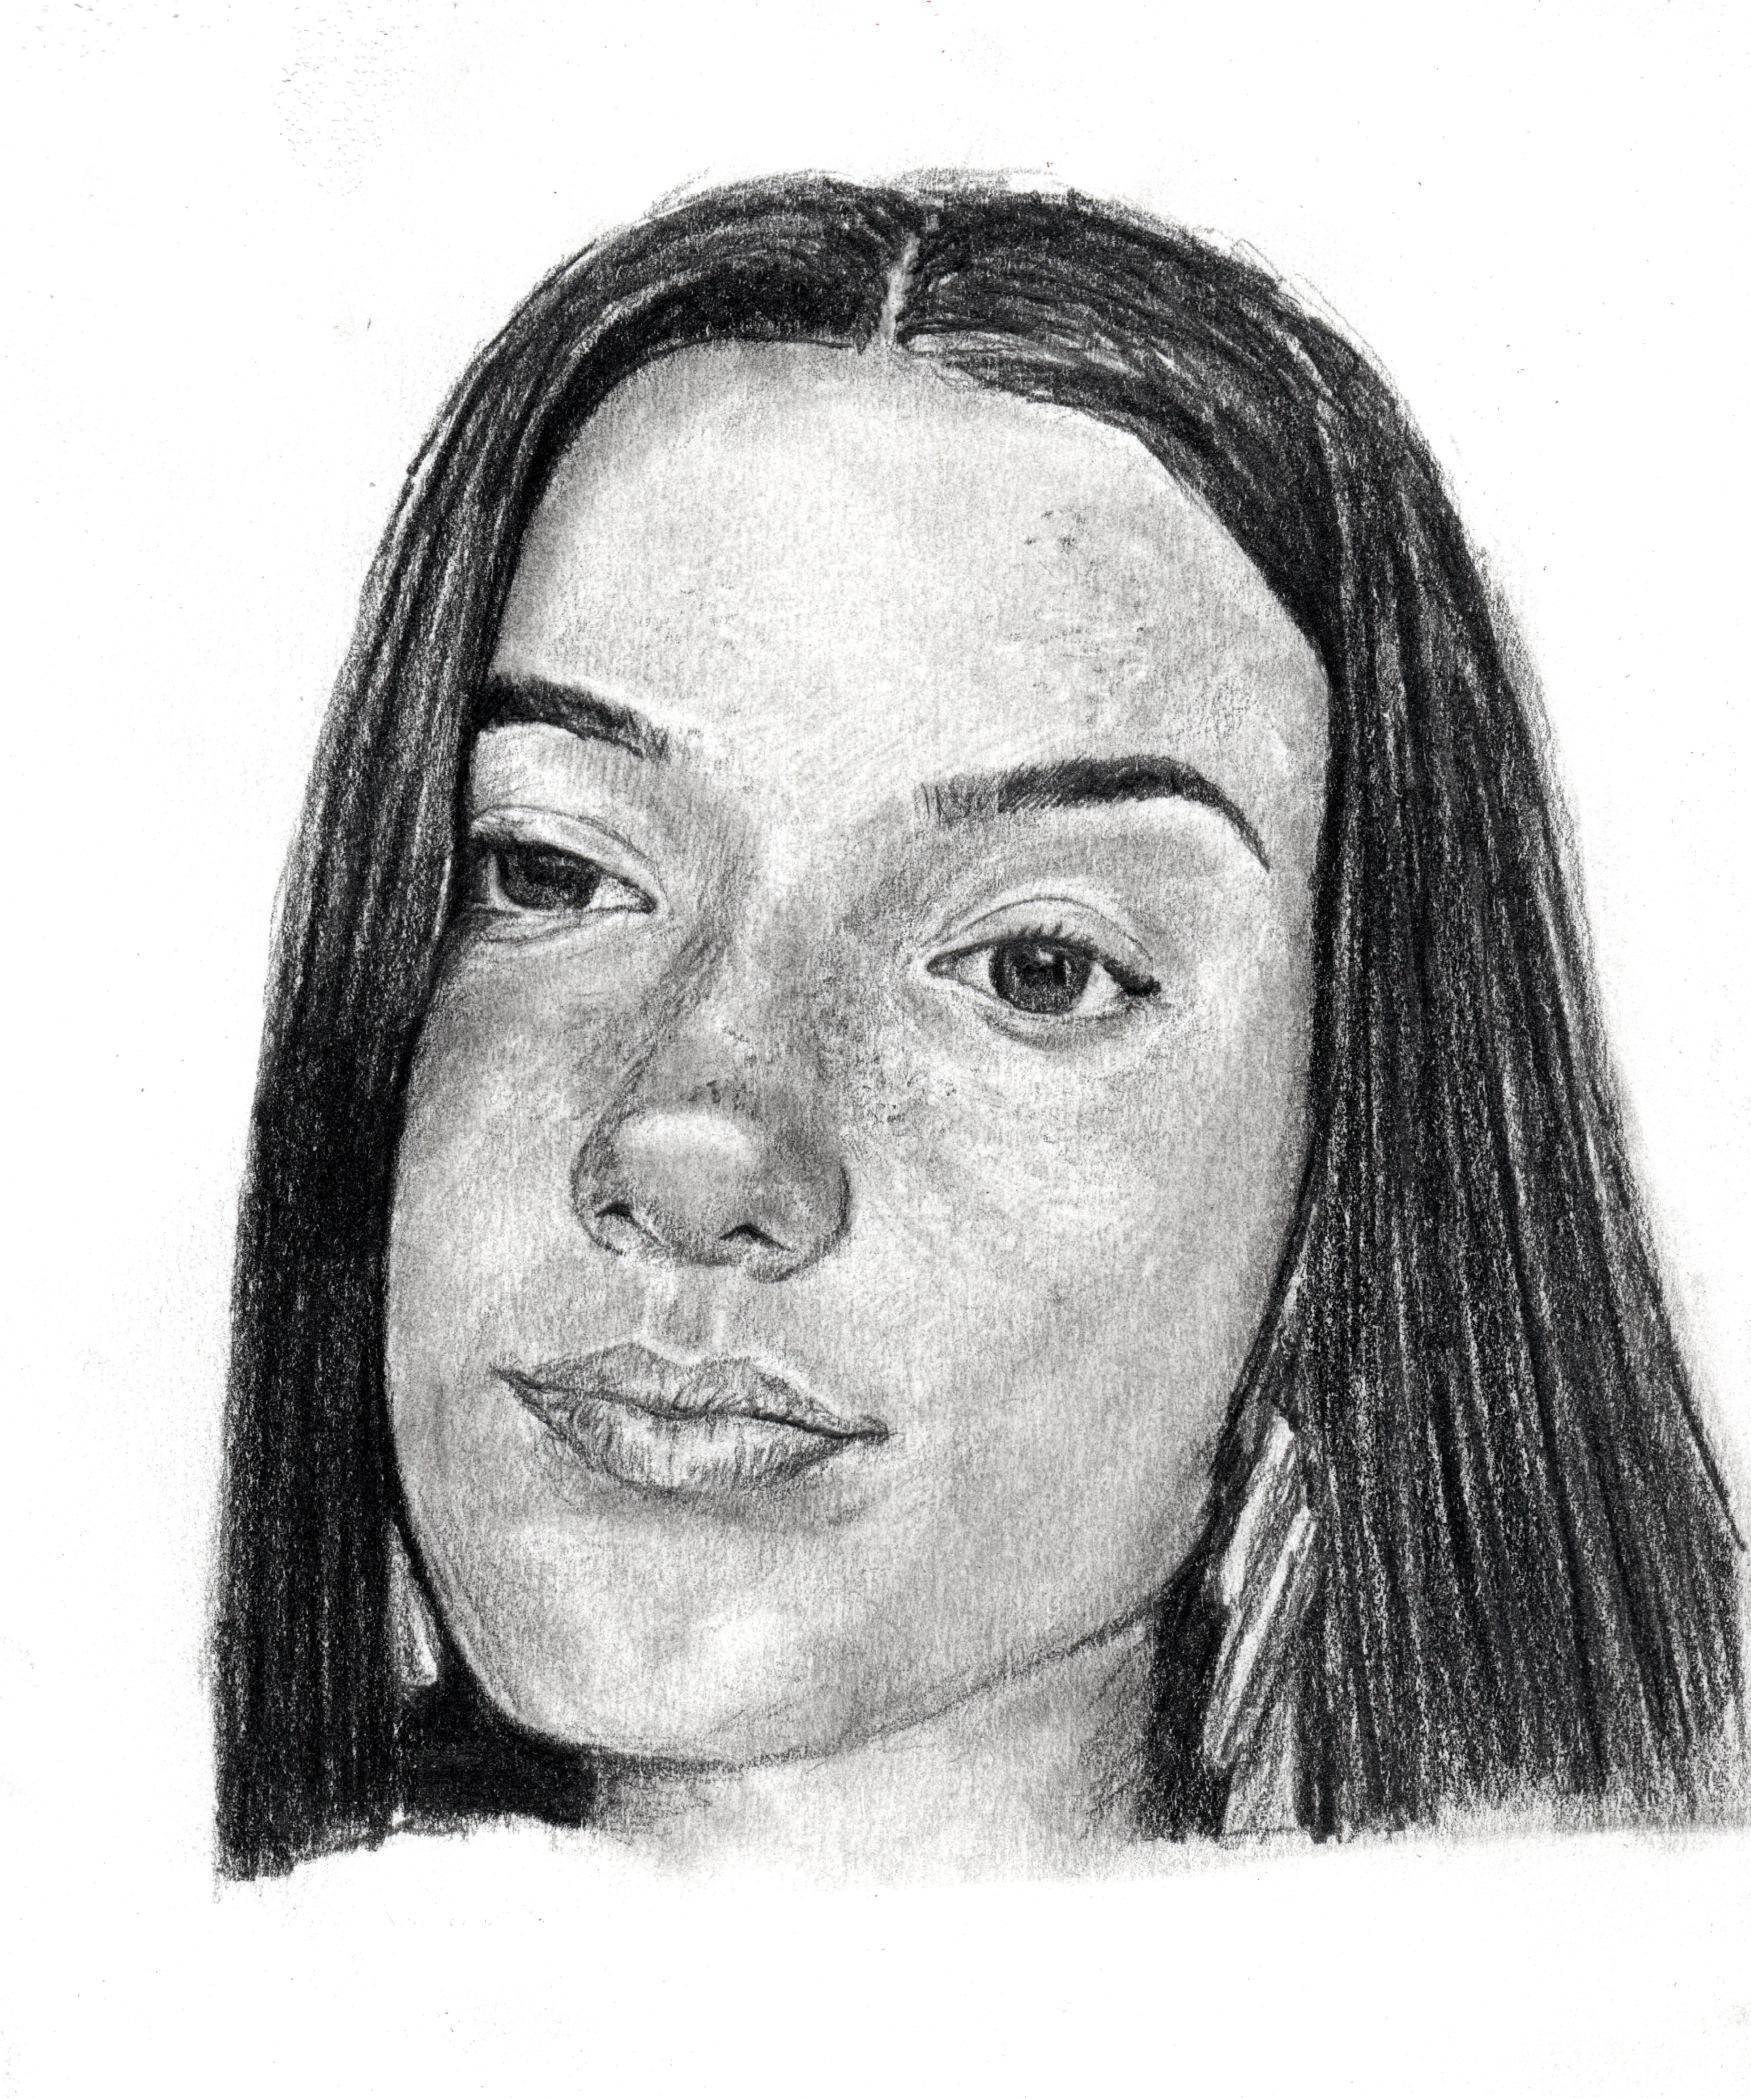 Oliver Billig Sketch Portrait.jpeg